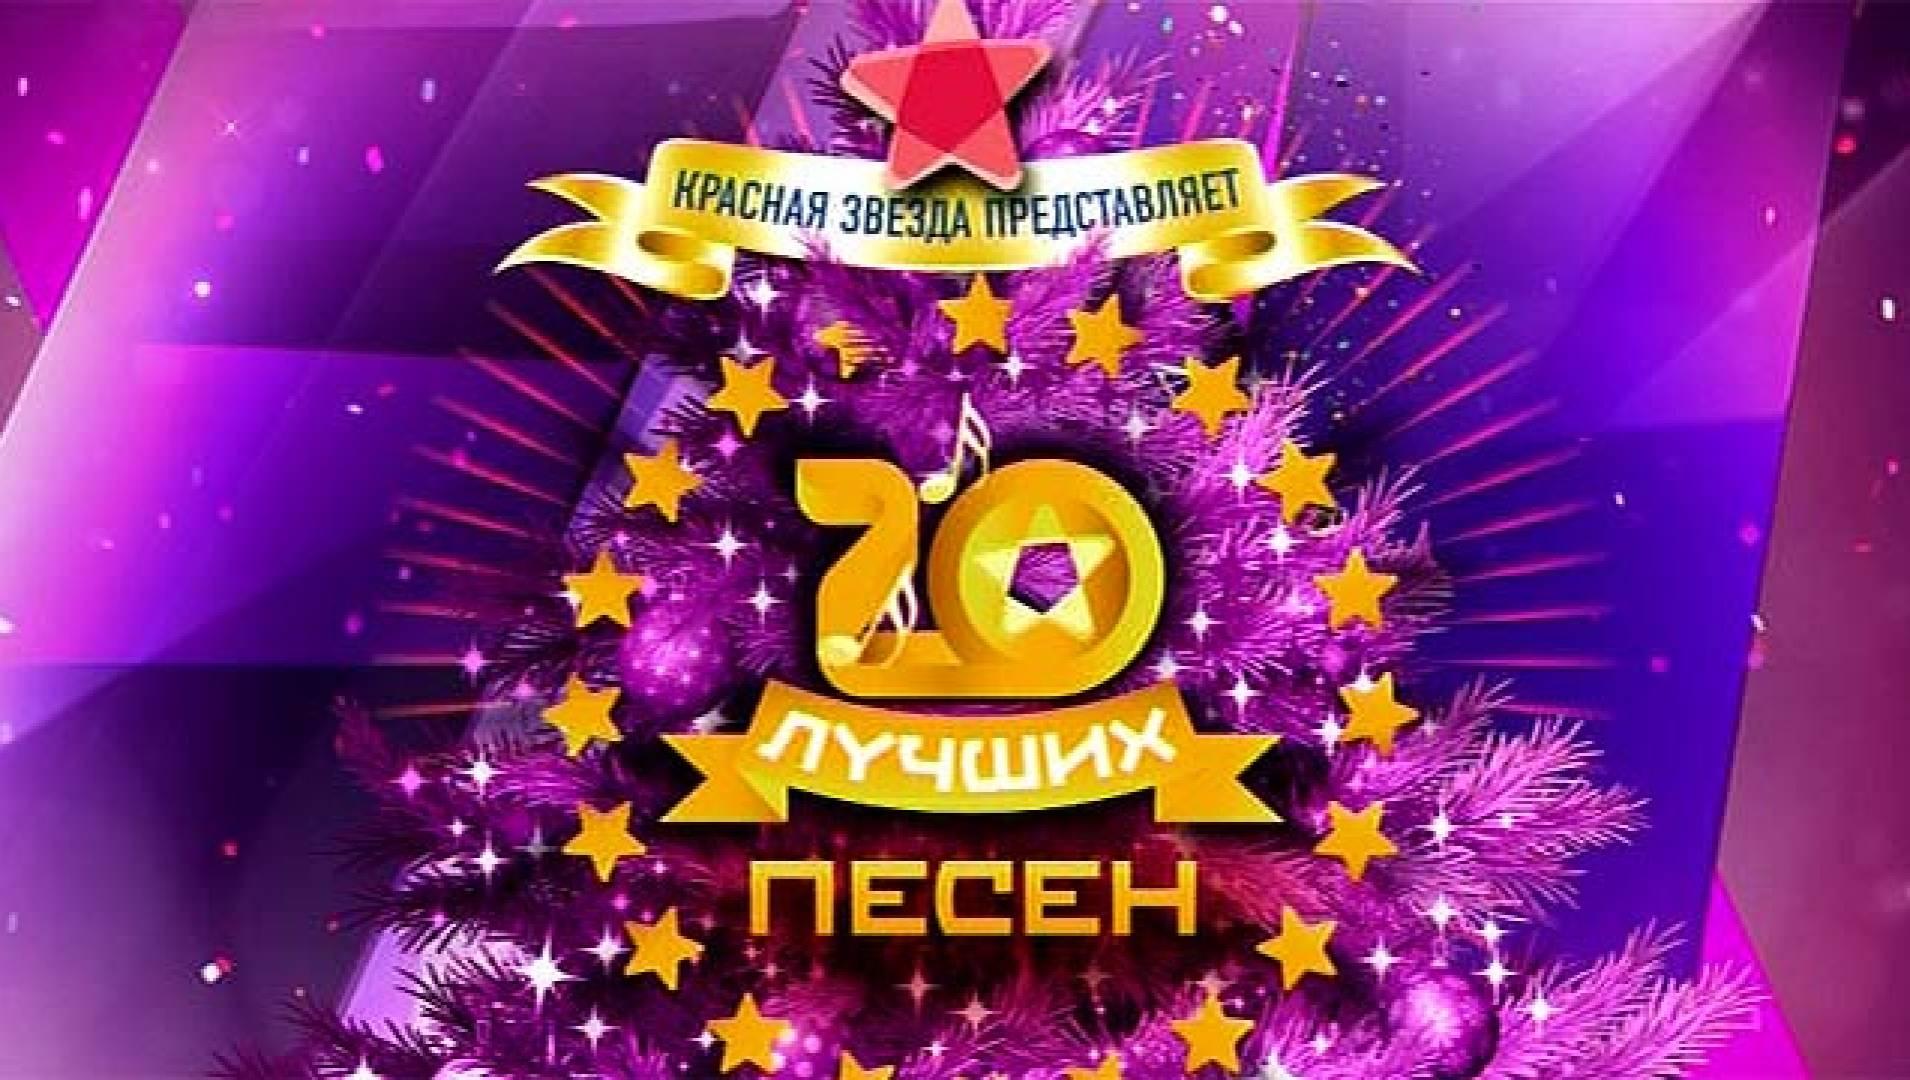 Красная звезда (2012) - Музыкальная, Программа